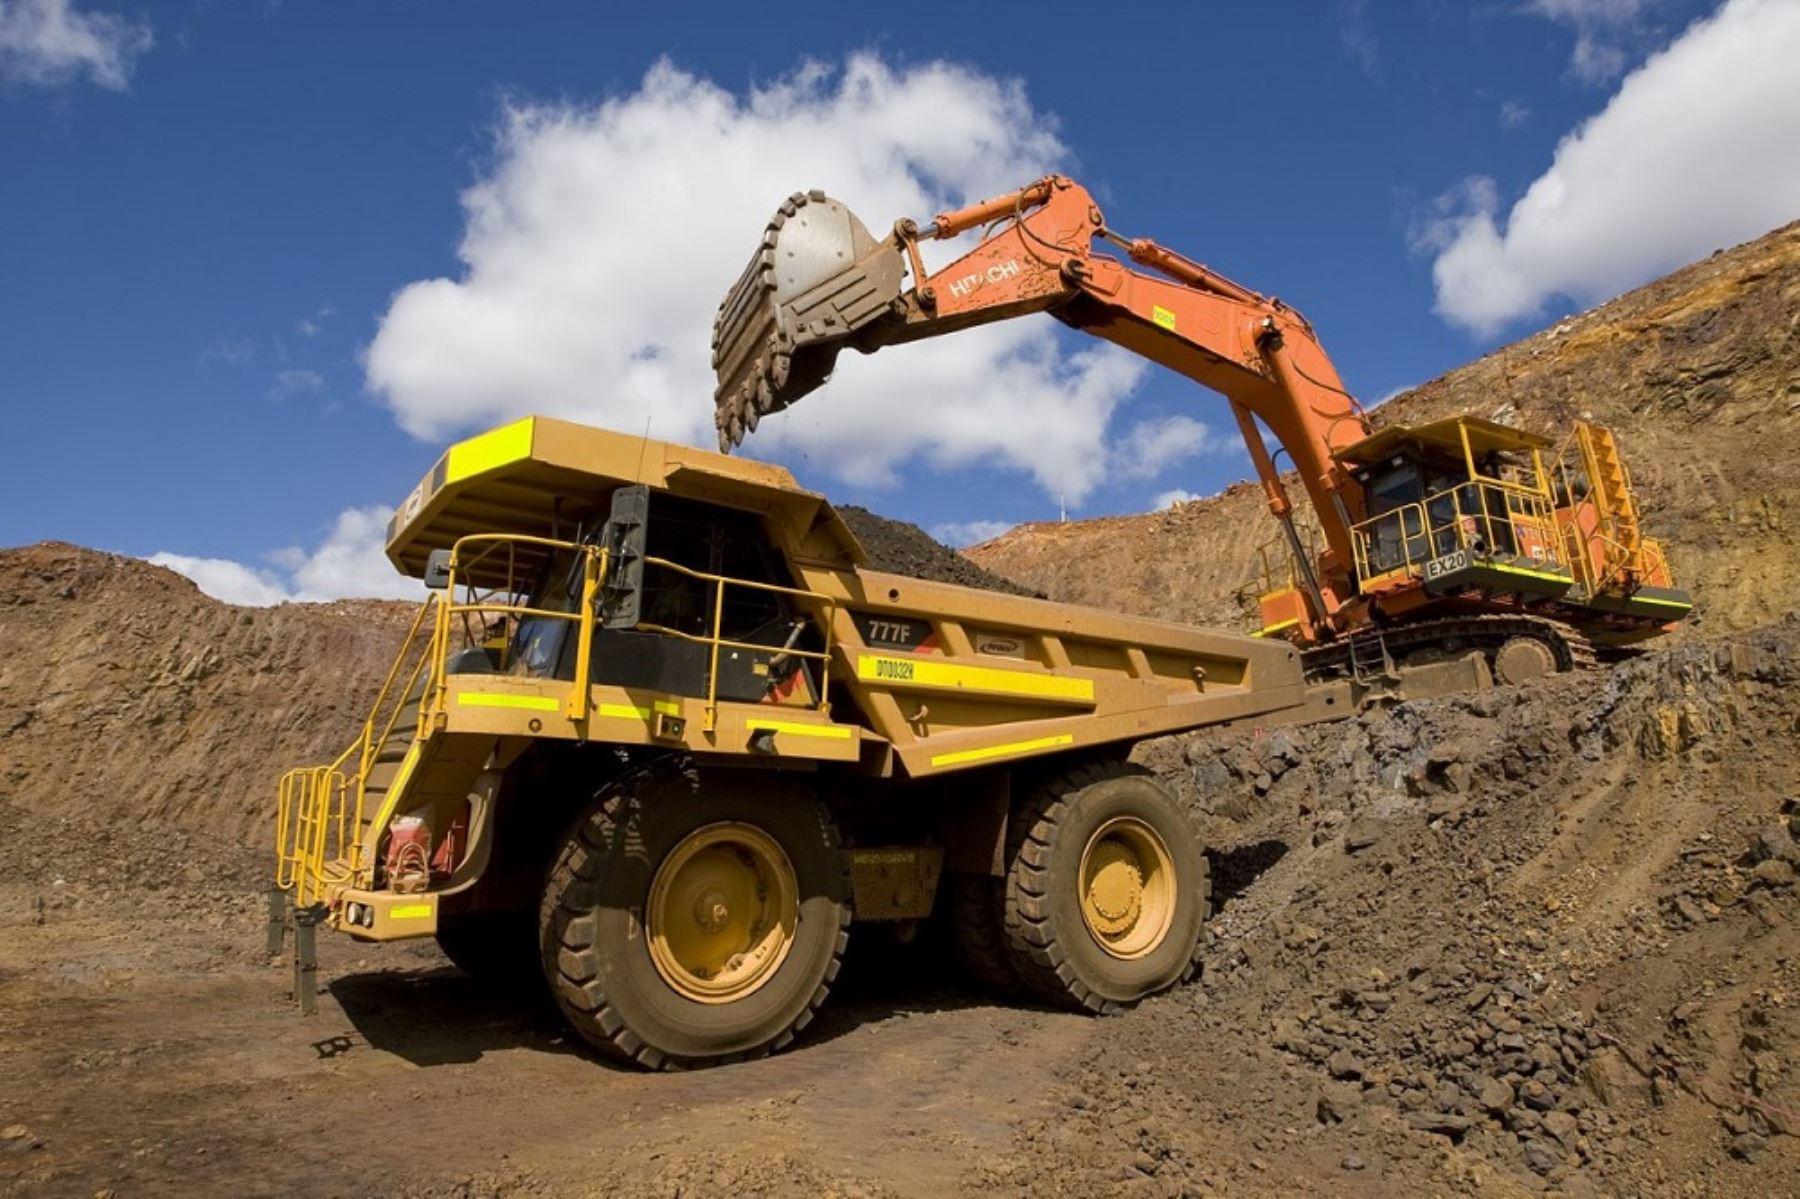 exportaciones-mineras-aumentaron-13-en-octubre-impulsadas-por-envios-de-cobre